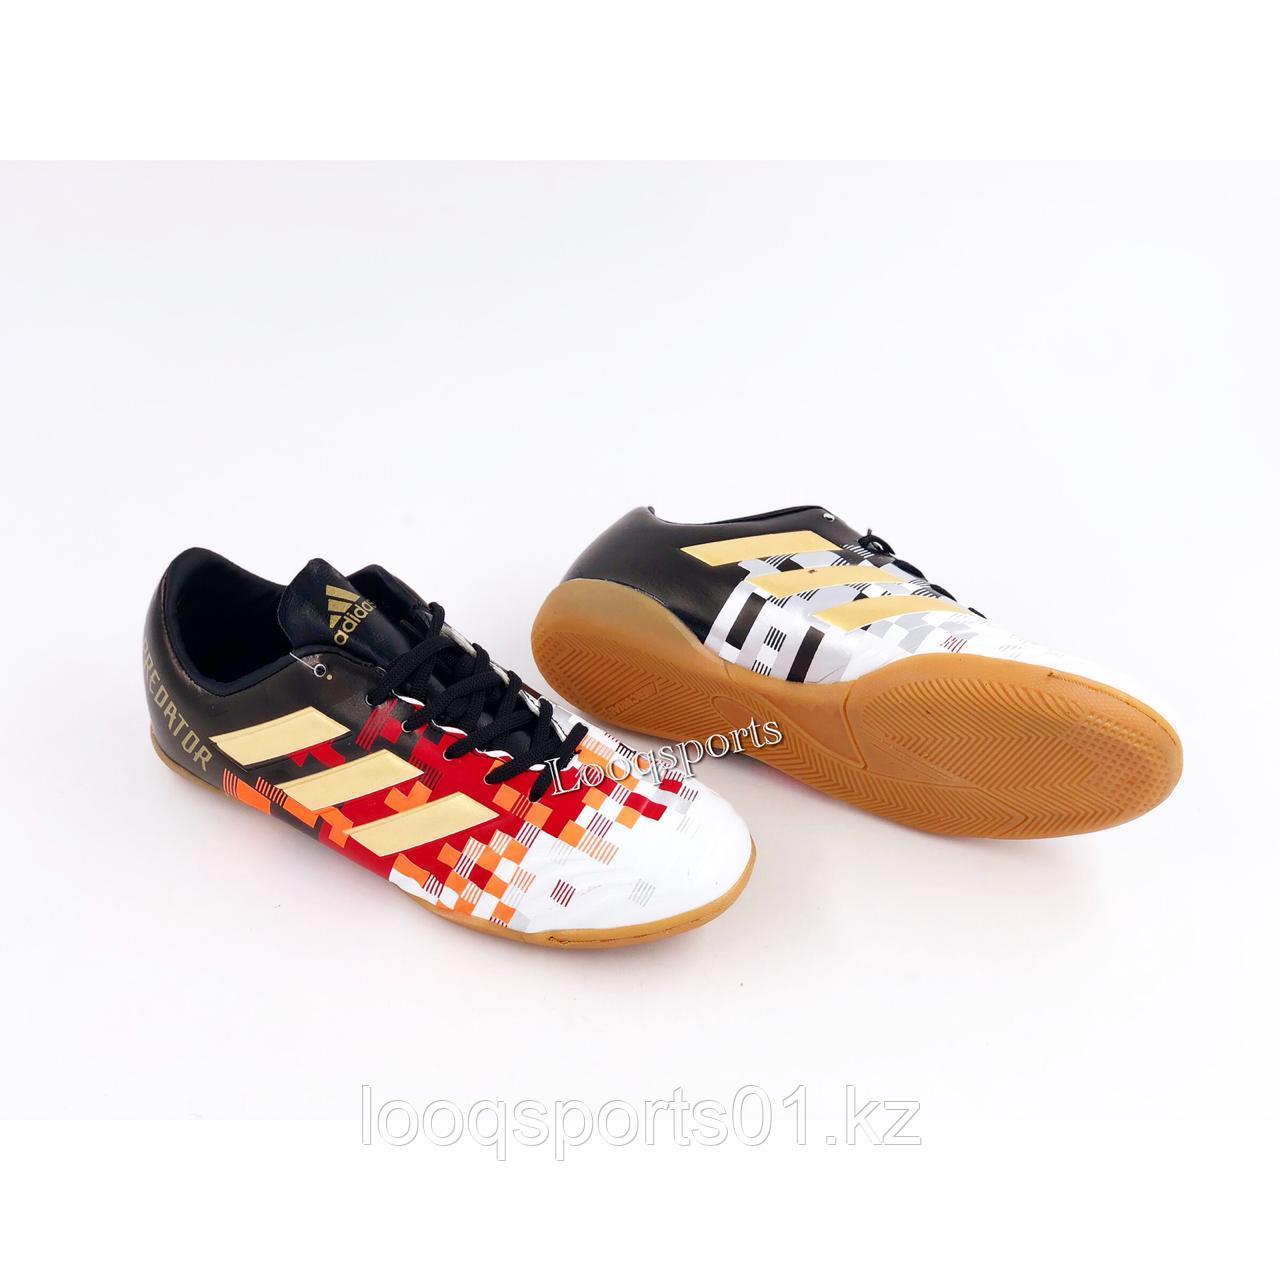 Детские футзалки Adidas миники, зальники